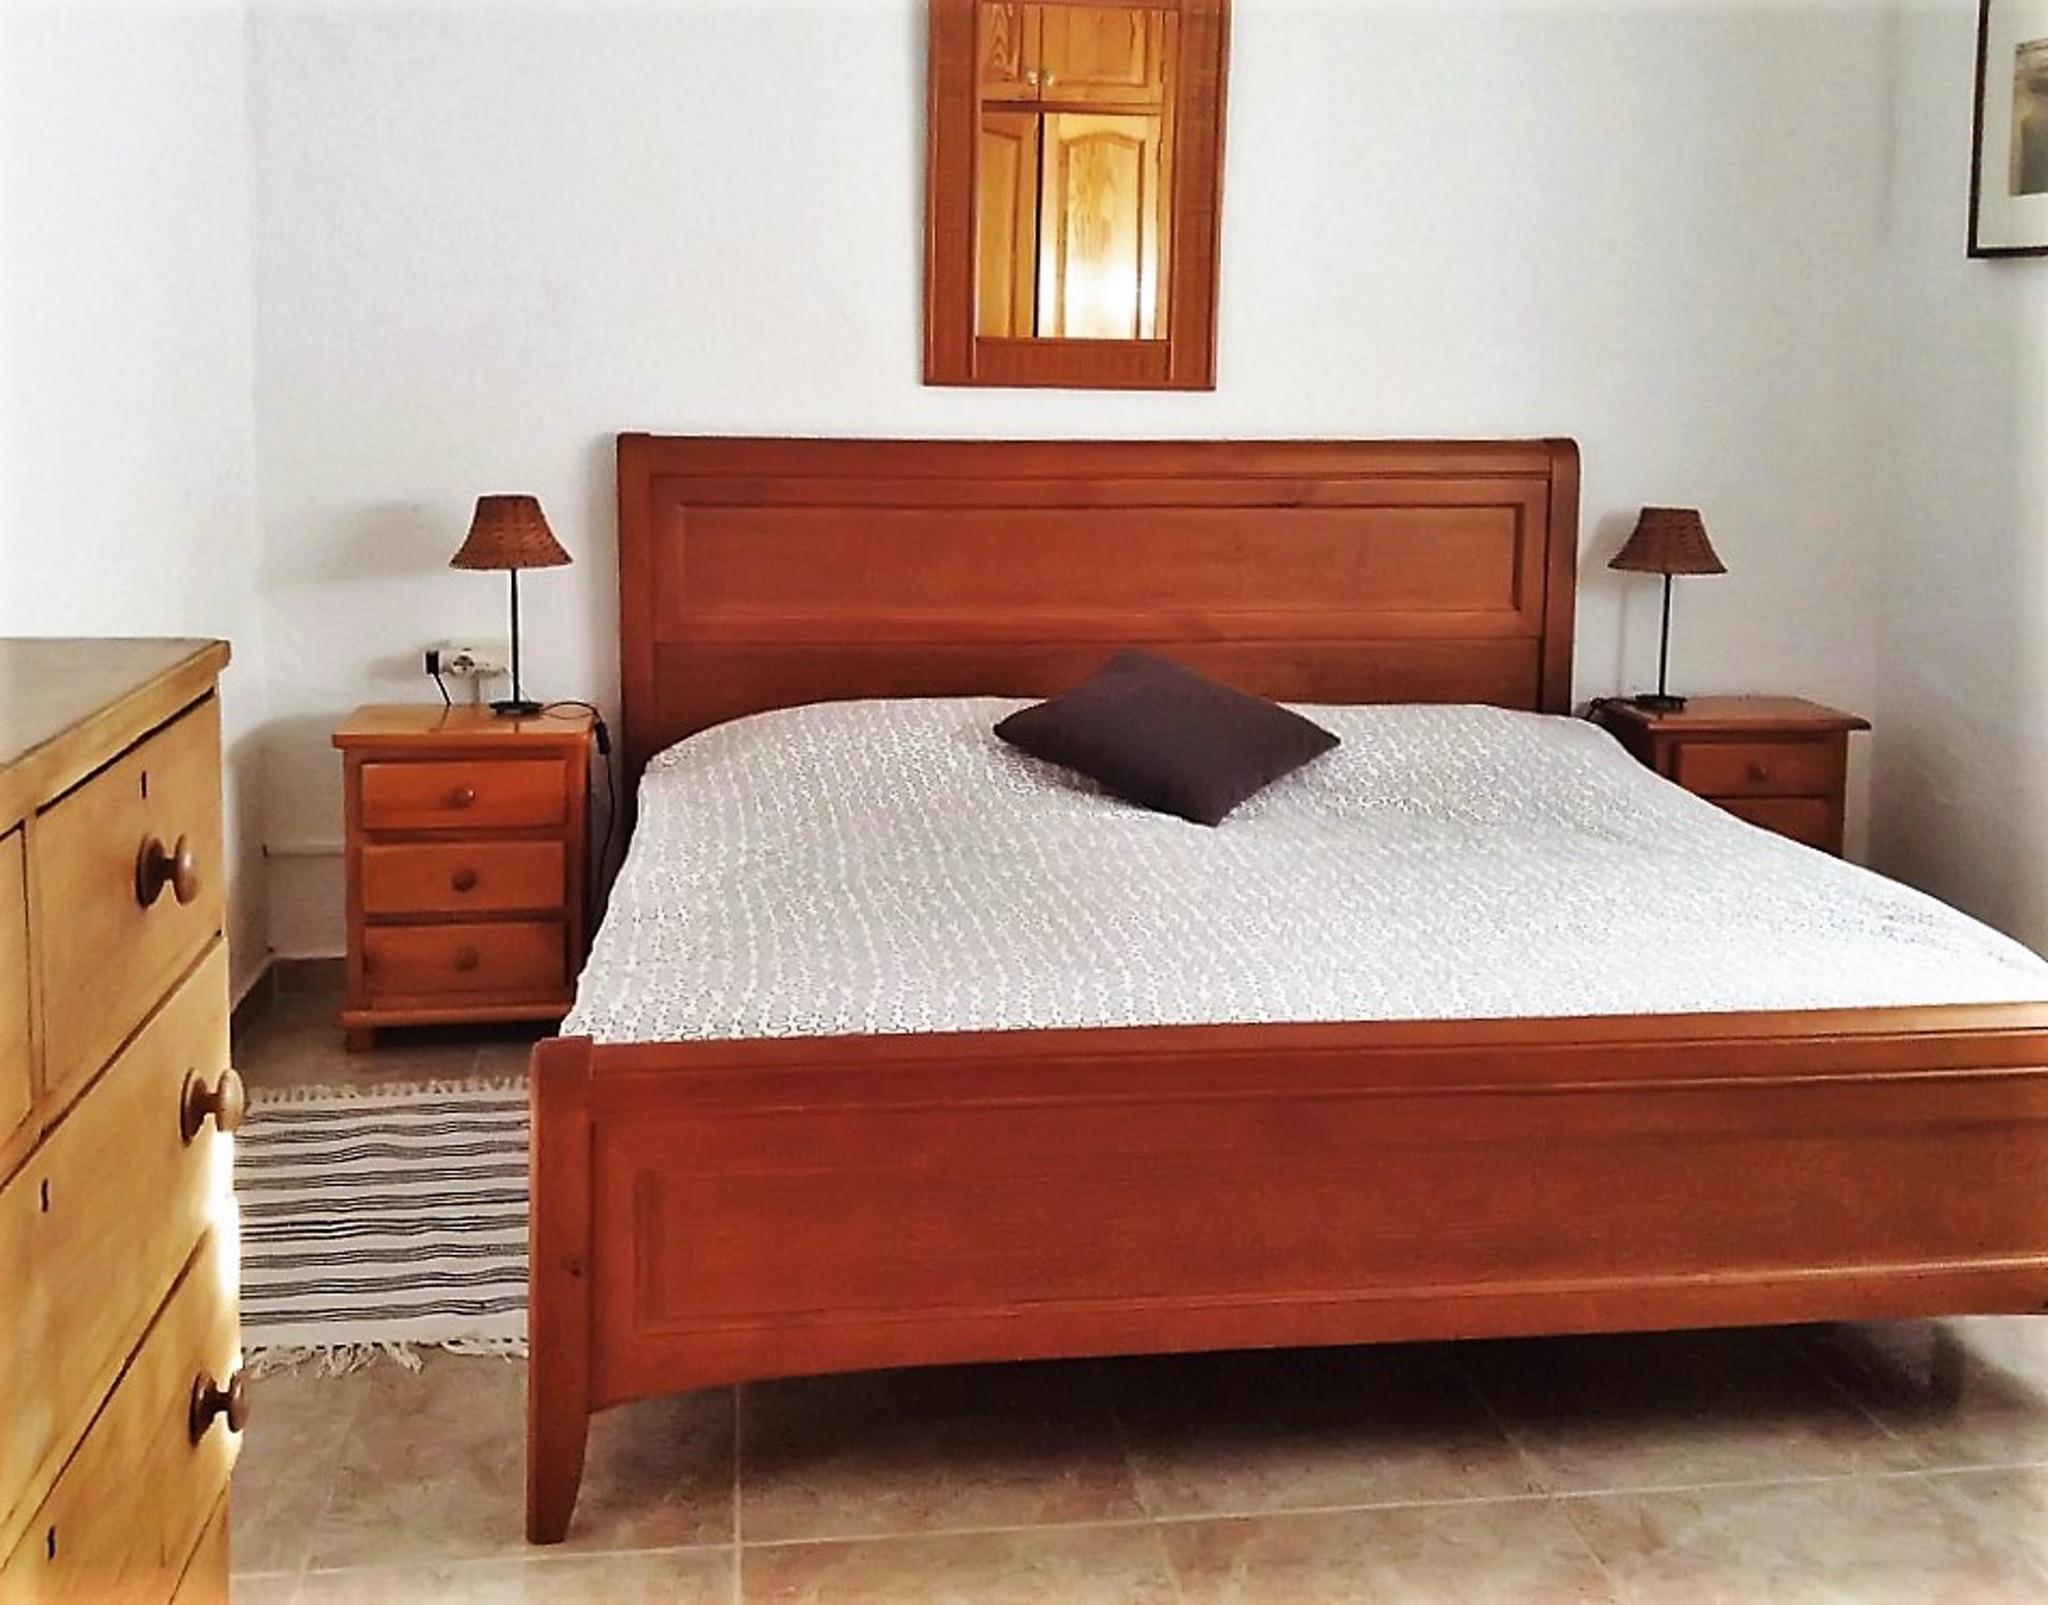 Ferienhaus Geräumige Villa mit fünf Schlafzimmer in Javea mit möblierter Terrasse, Pool und toller Au (2201168), Jávea, Costa Blanca, Valencia, Spanien, Bild 9